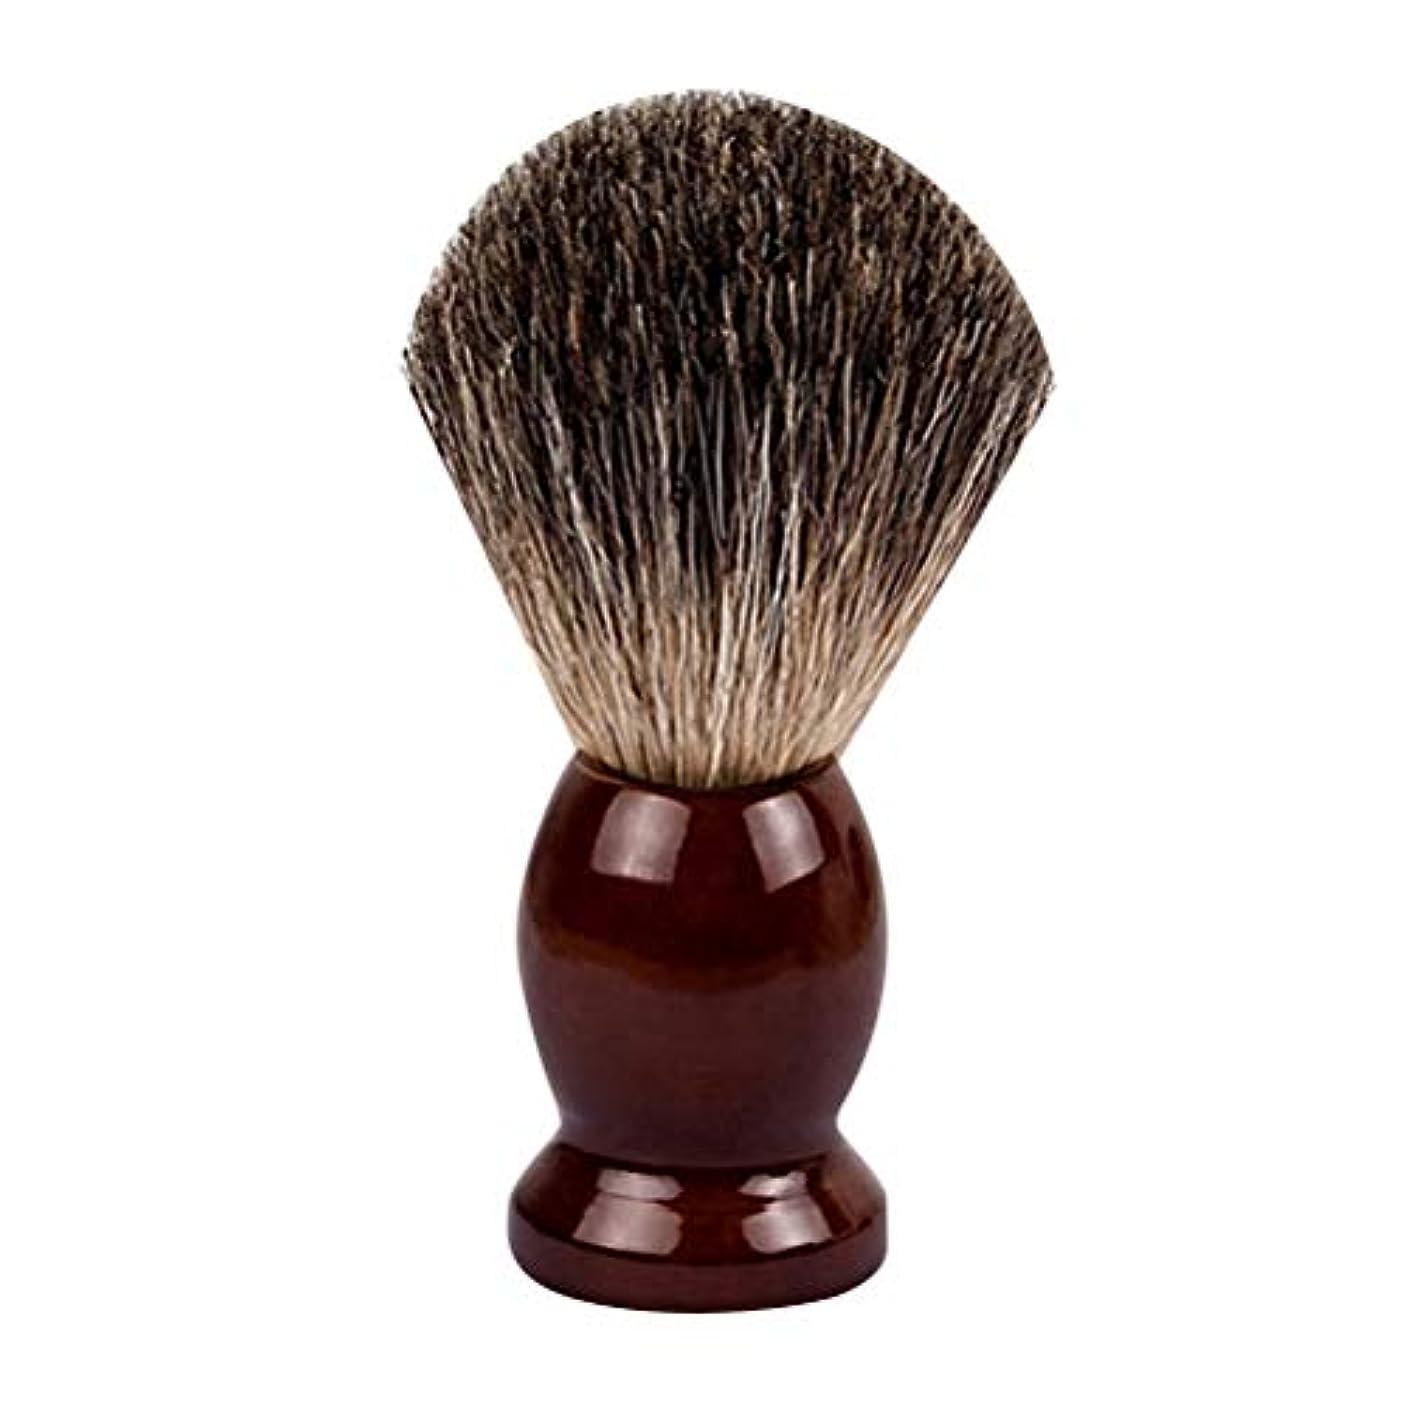 そう五十合併症Lurrose ひげ ブラシ シェービング ブラシ ウッドハンドル ヘア サロンツール 男性用